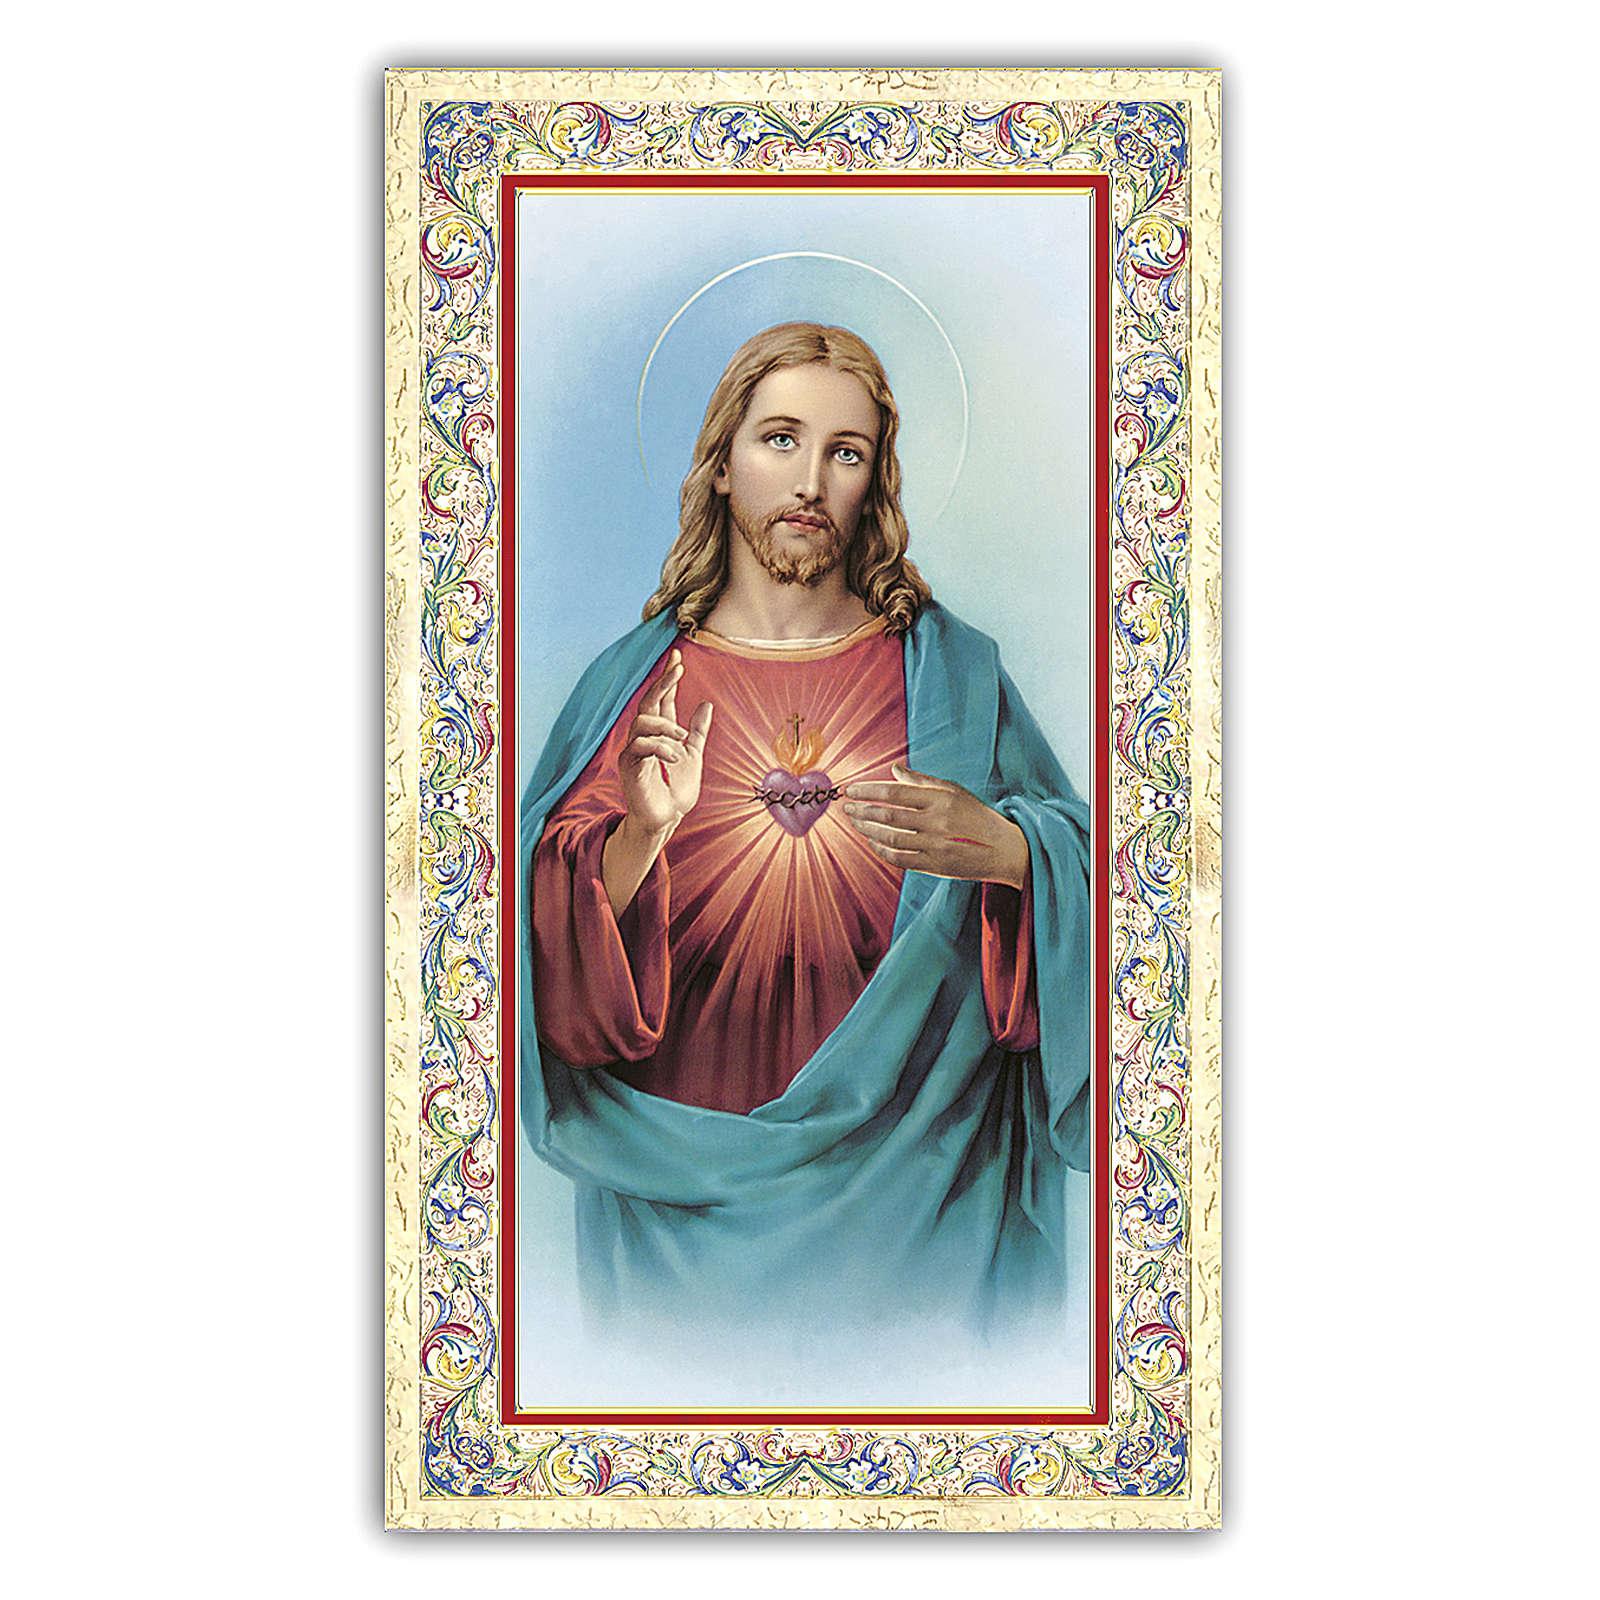 Image pieuse du Sacré-Coeur de Jésus 10x5 cm 4